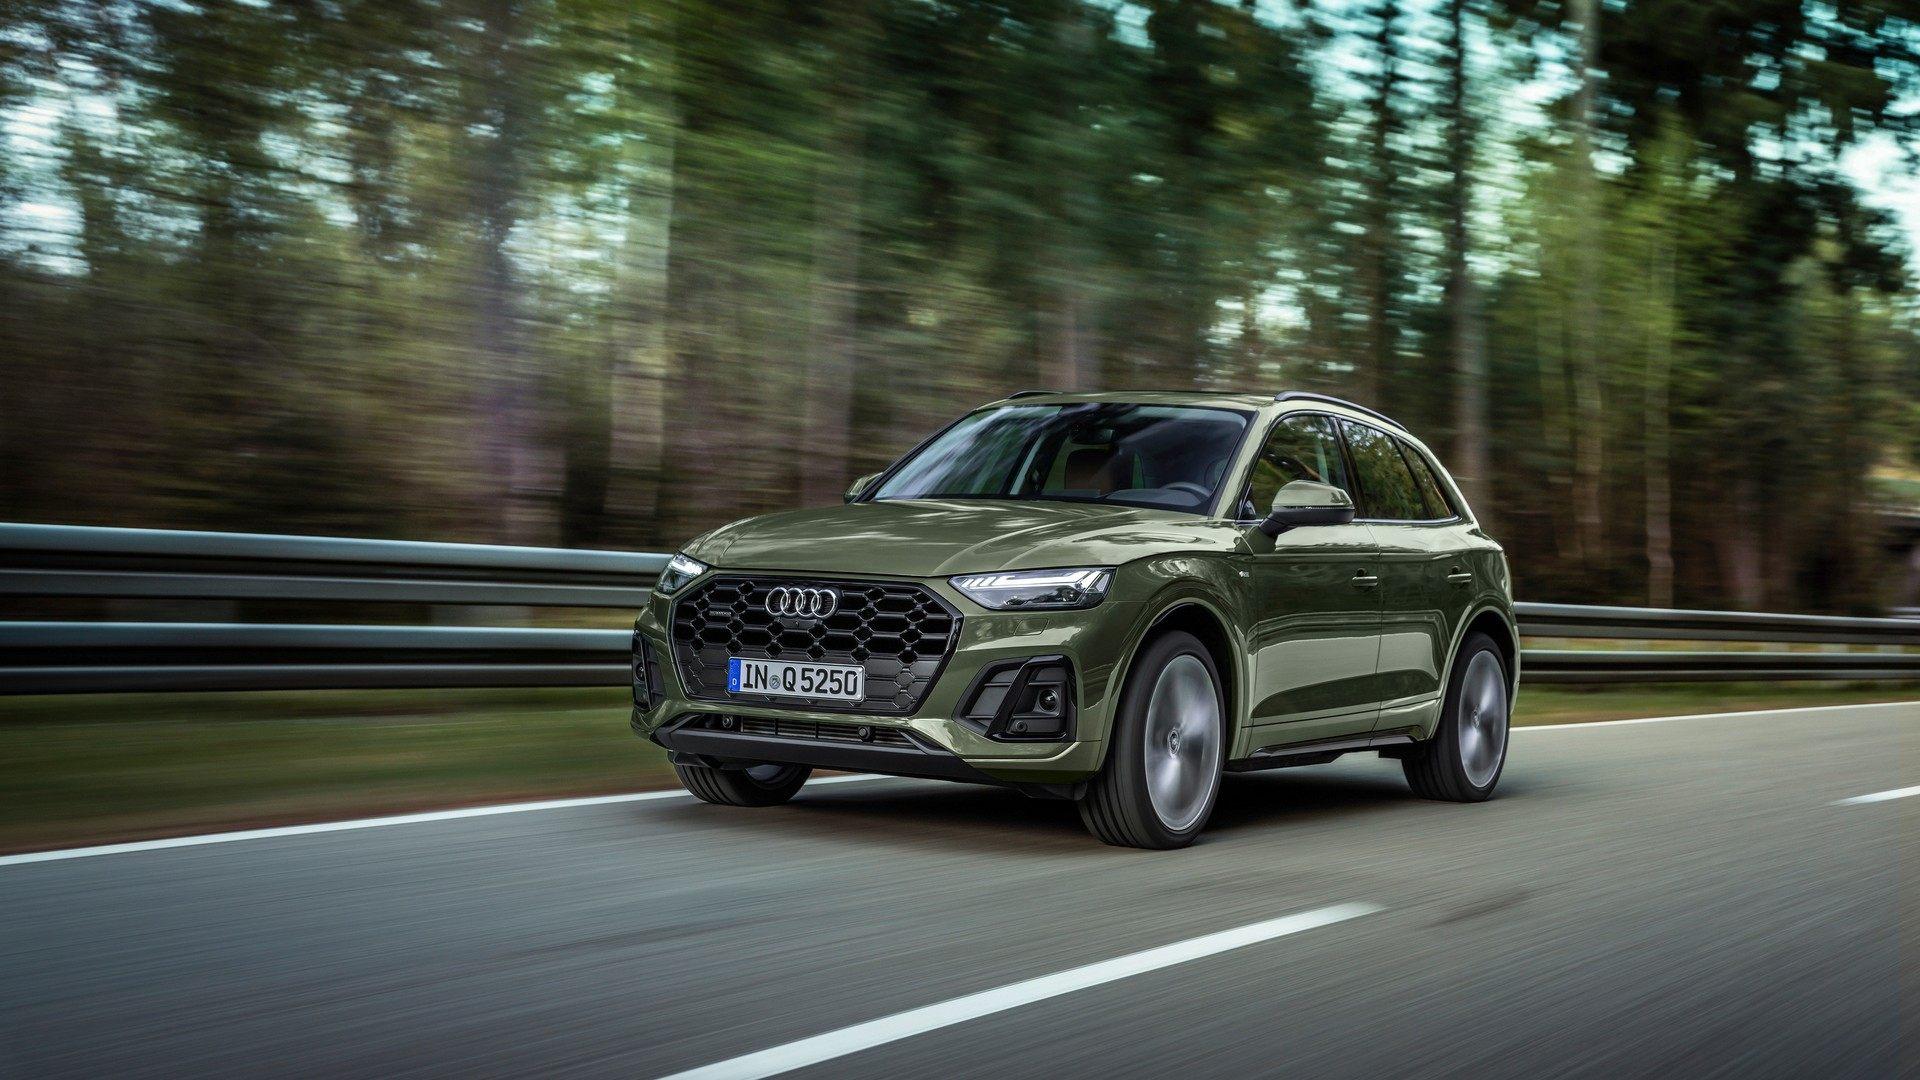 El restyling del Audi Q5 adopta la hibridación